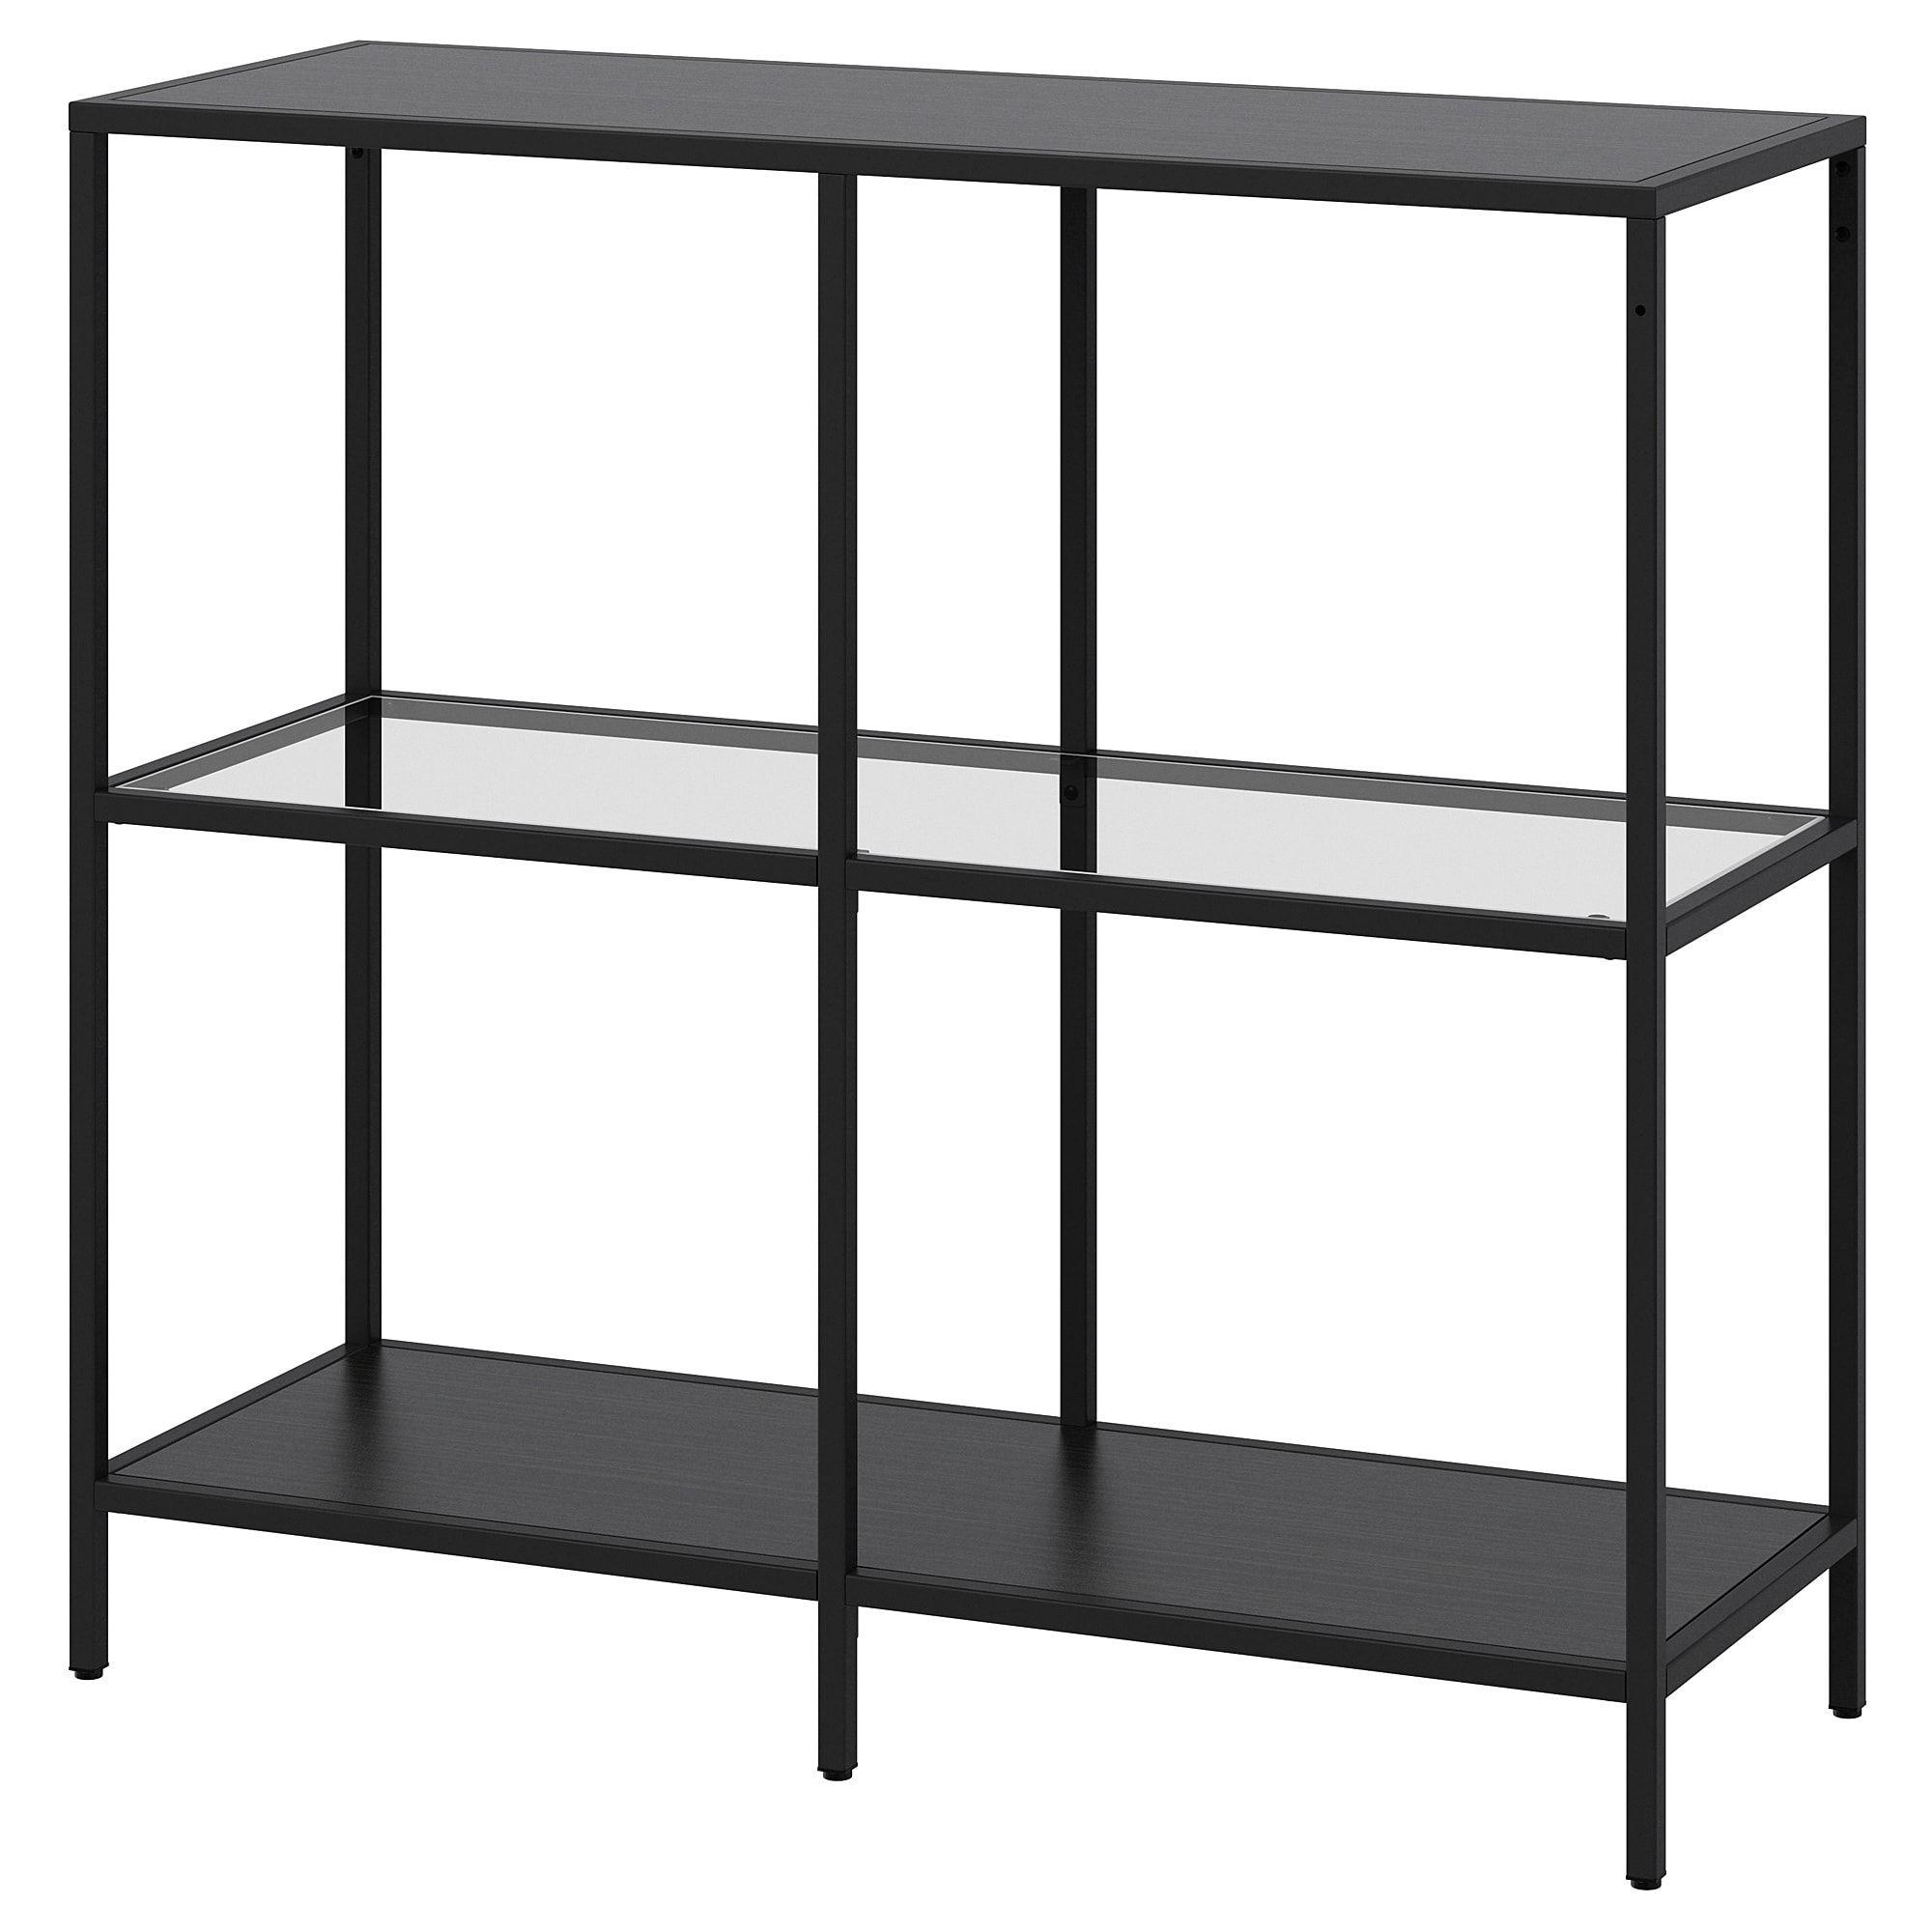 IKEA Regale & Aufbewahrungen aus Metall günstig kaufen | eBay